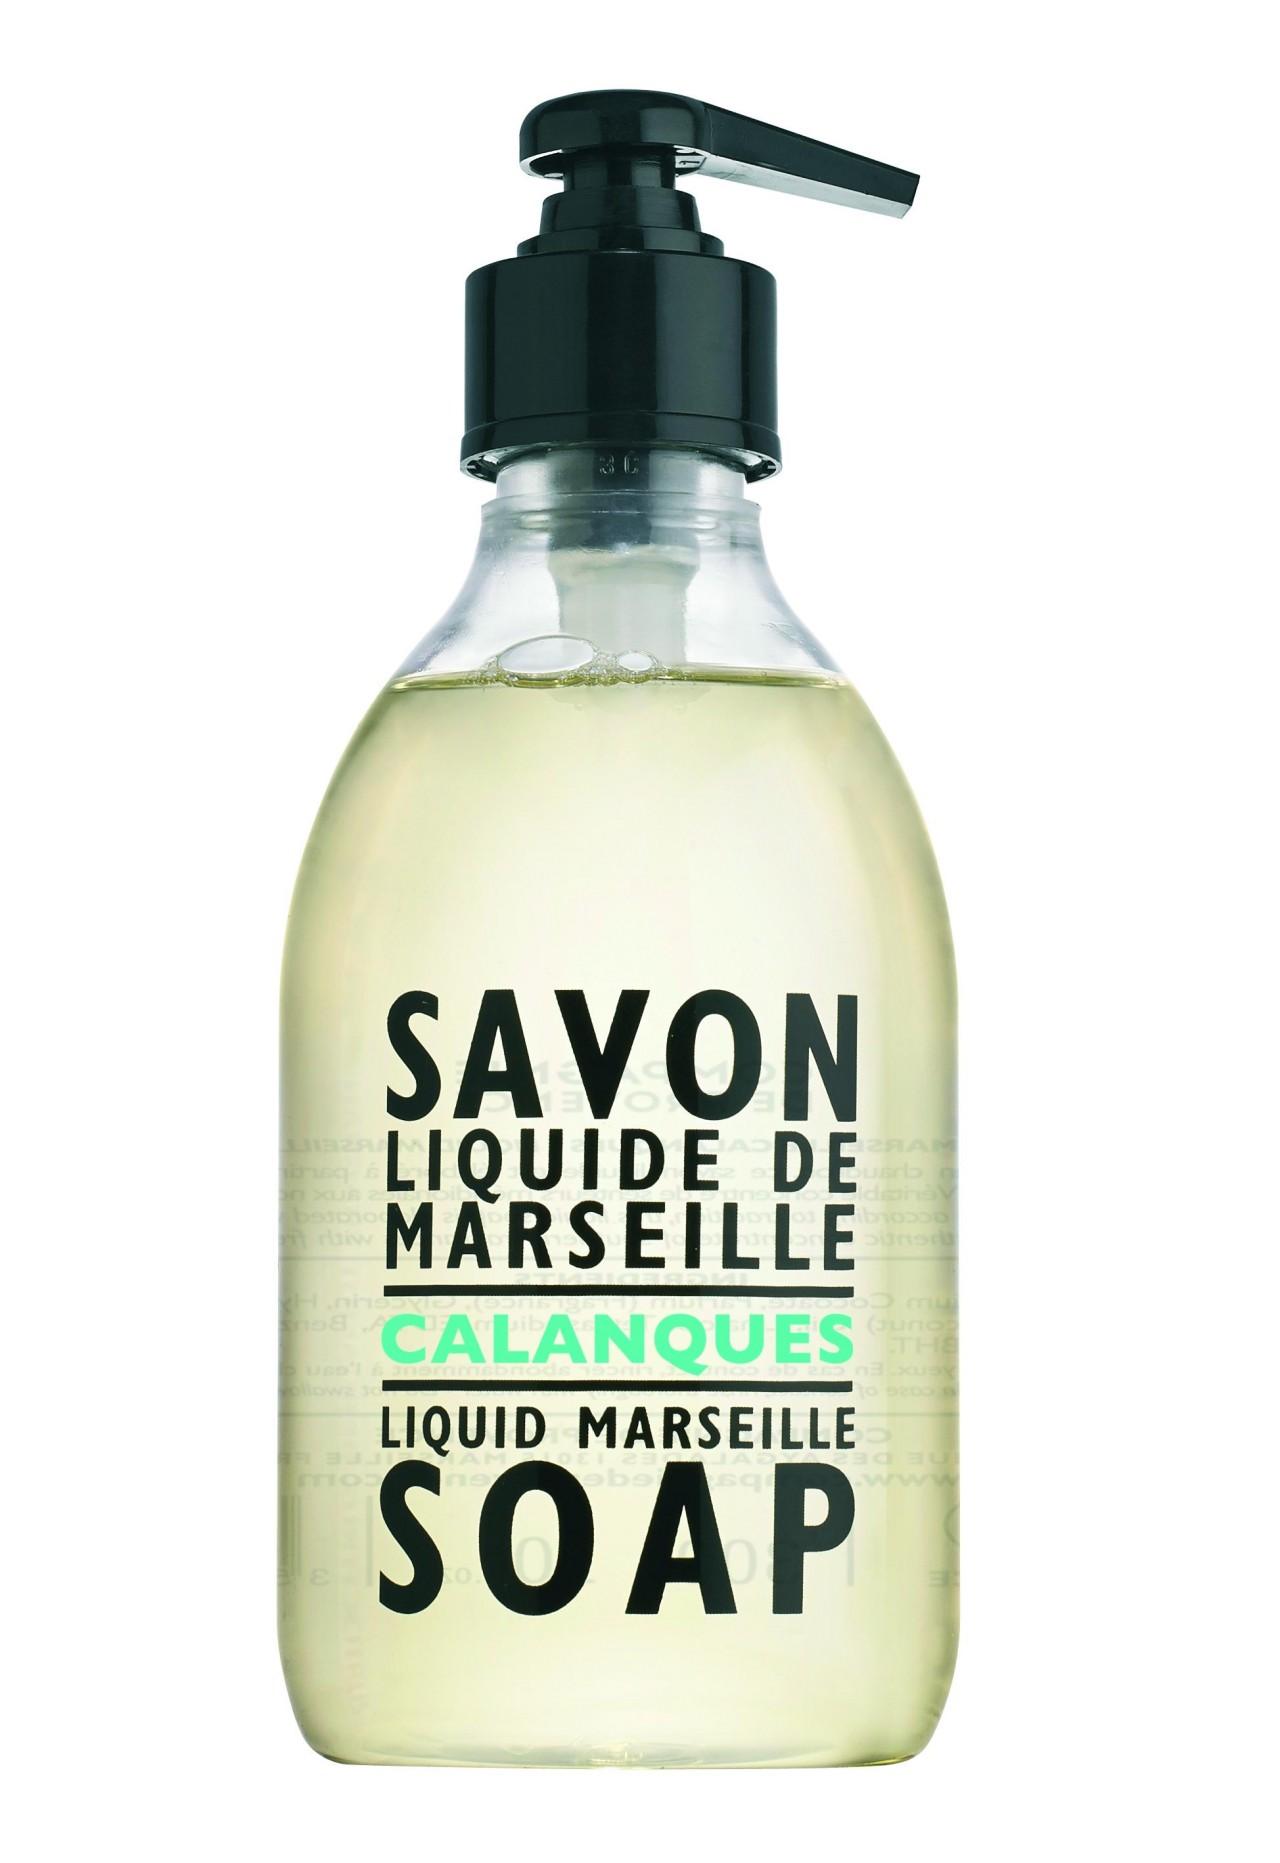 Sapone liquido di Marsiglia Calanques 300 ml Compagnie de Provence Italia CP18372-01